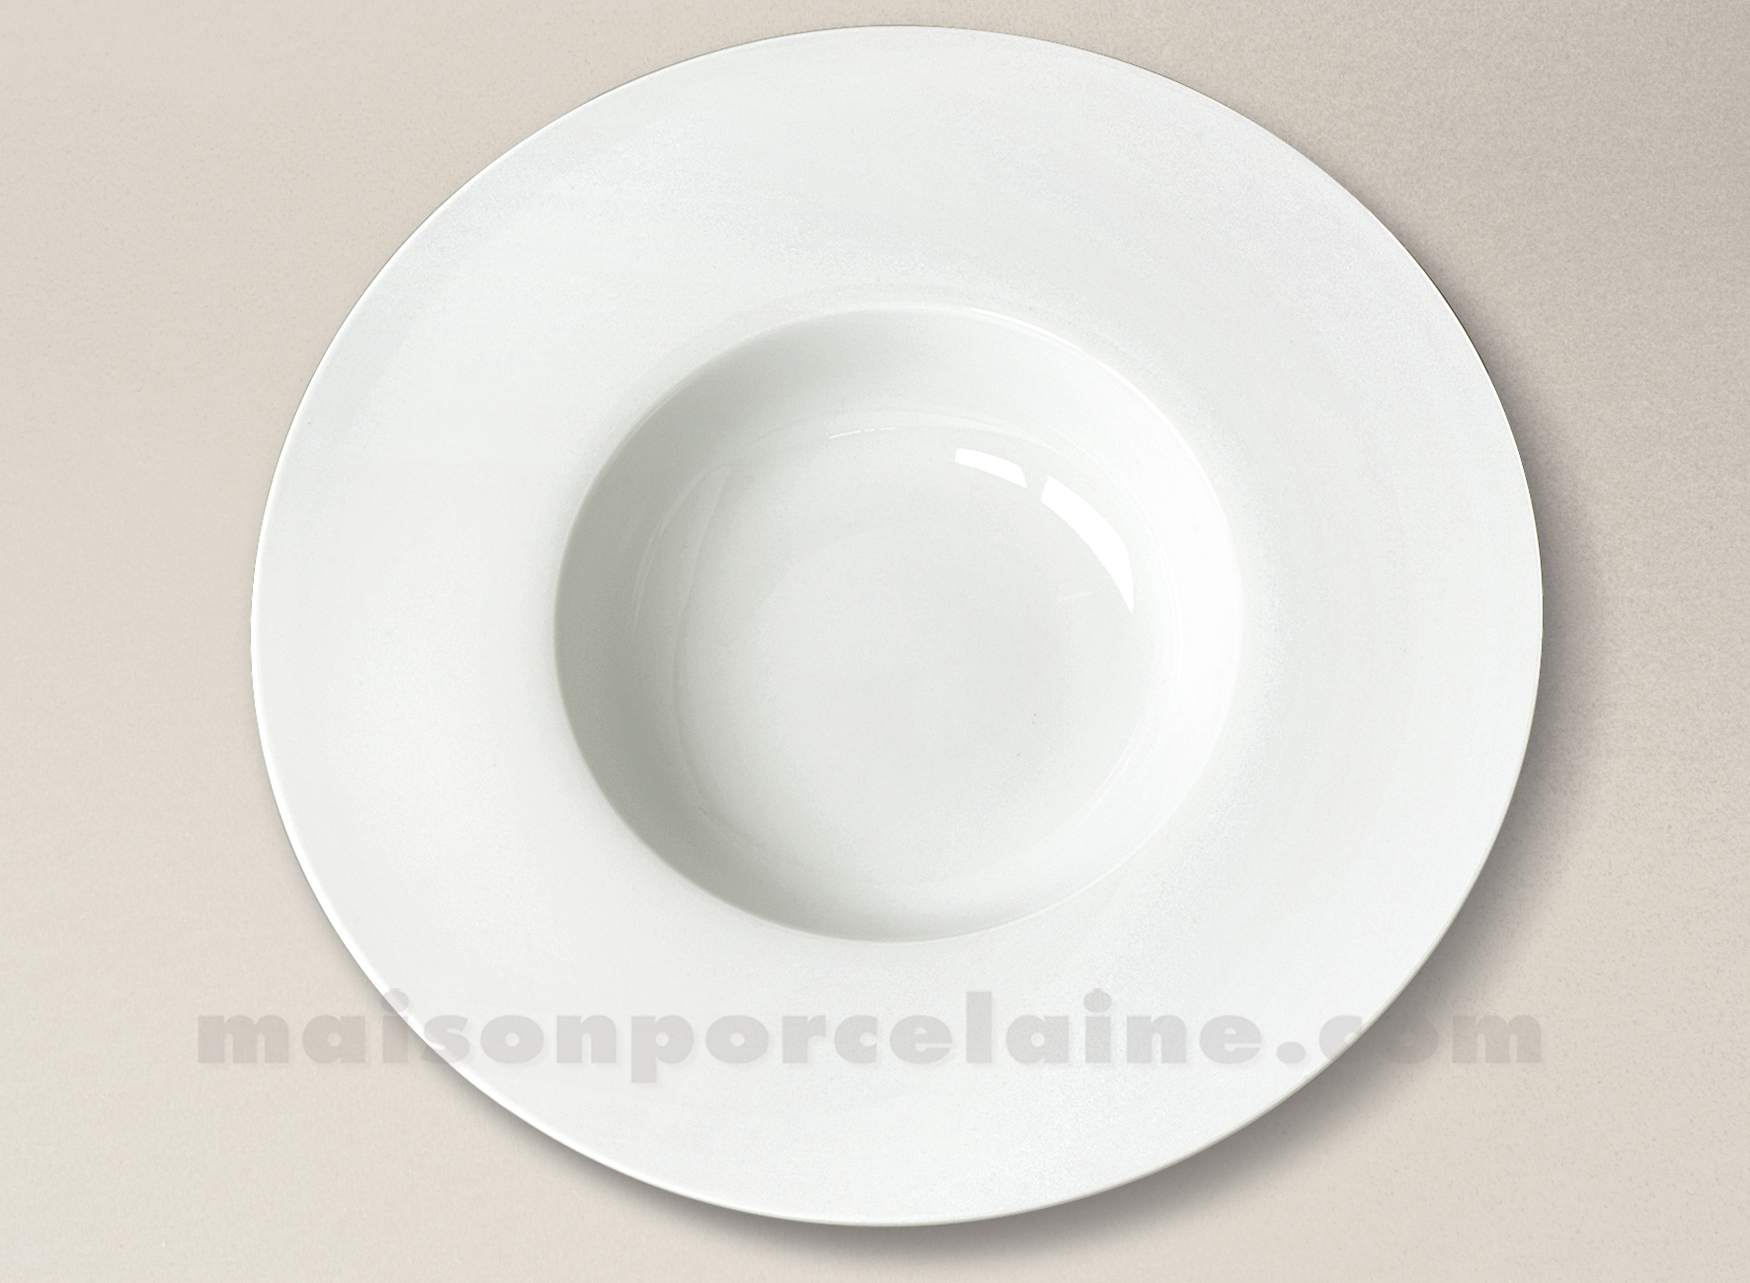 Assiette gourmet porcelaine blanche aile plate milan 28 5x6cm maison de la porcelaine - Assiette secret de gourmet ...